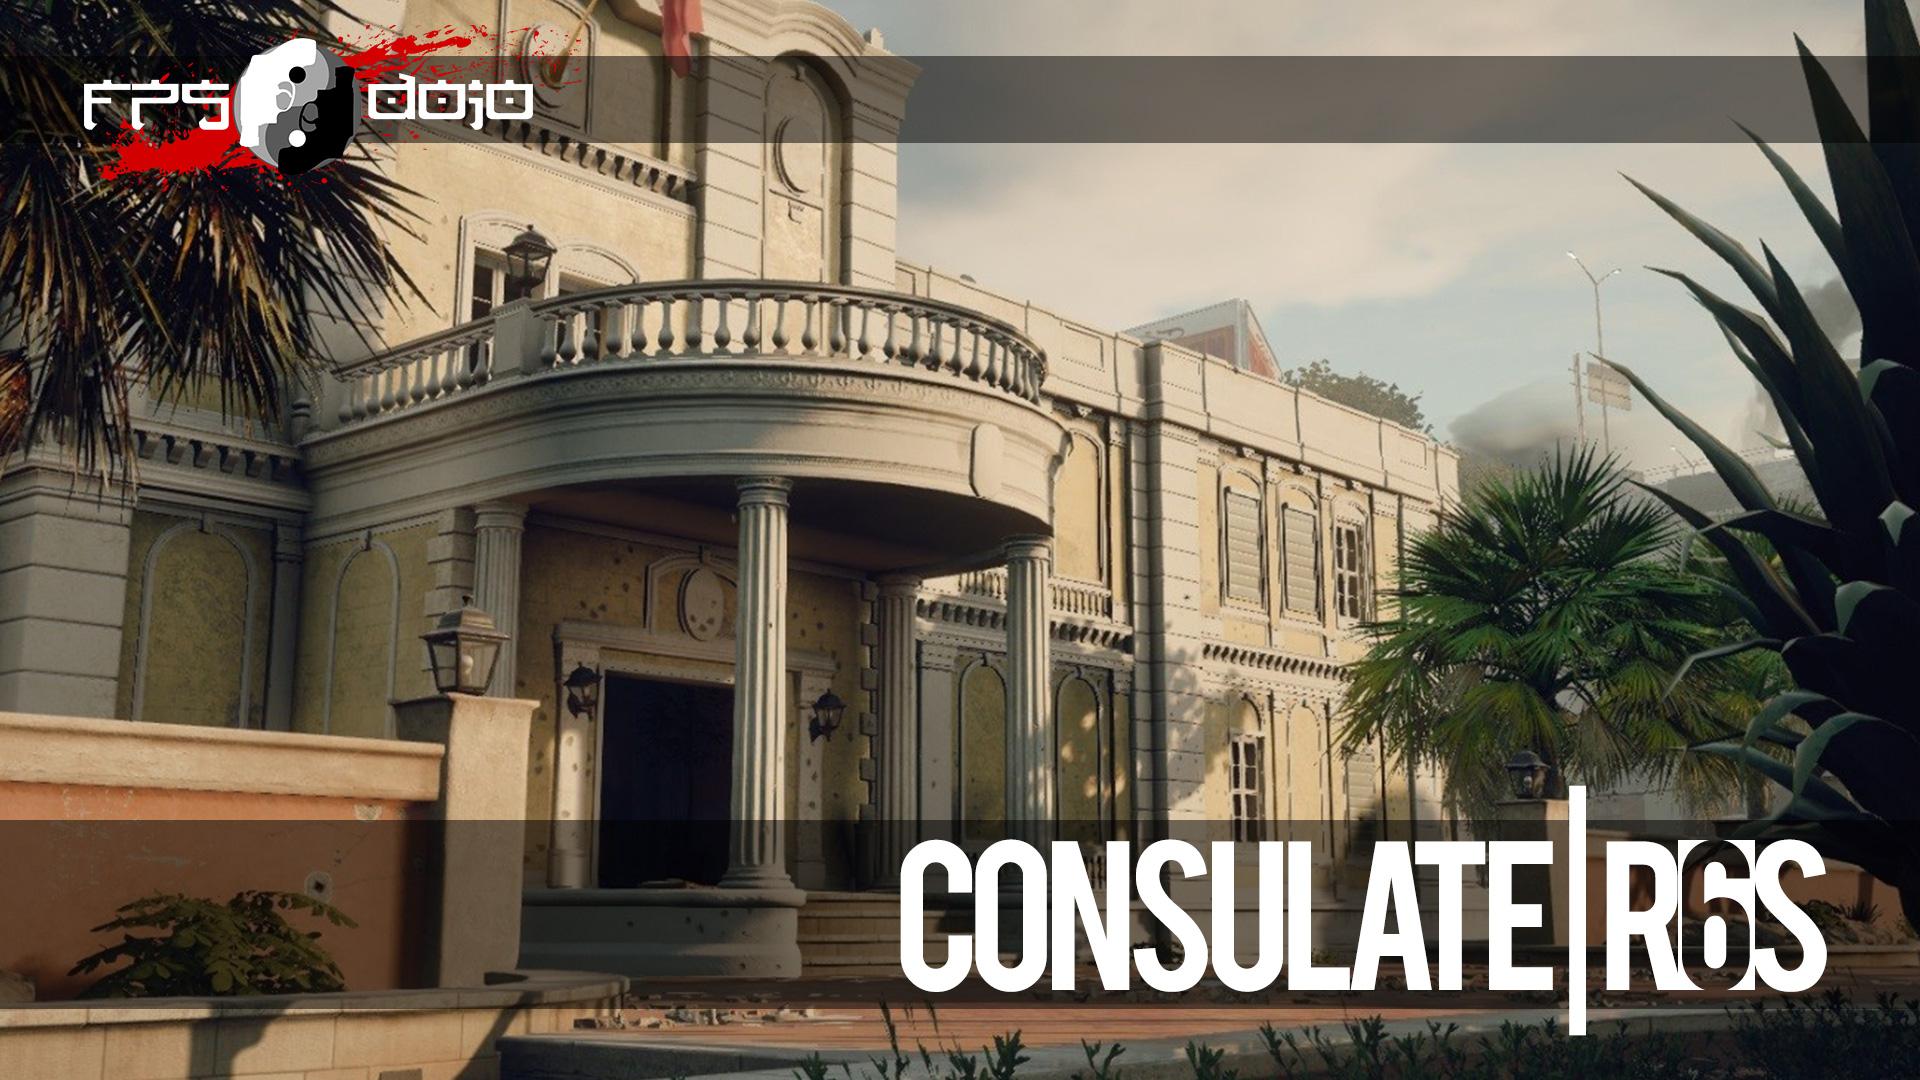 R6S: Consulate